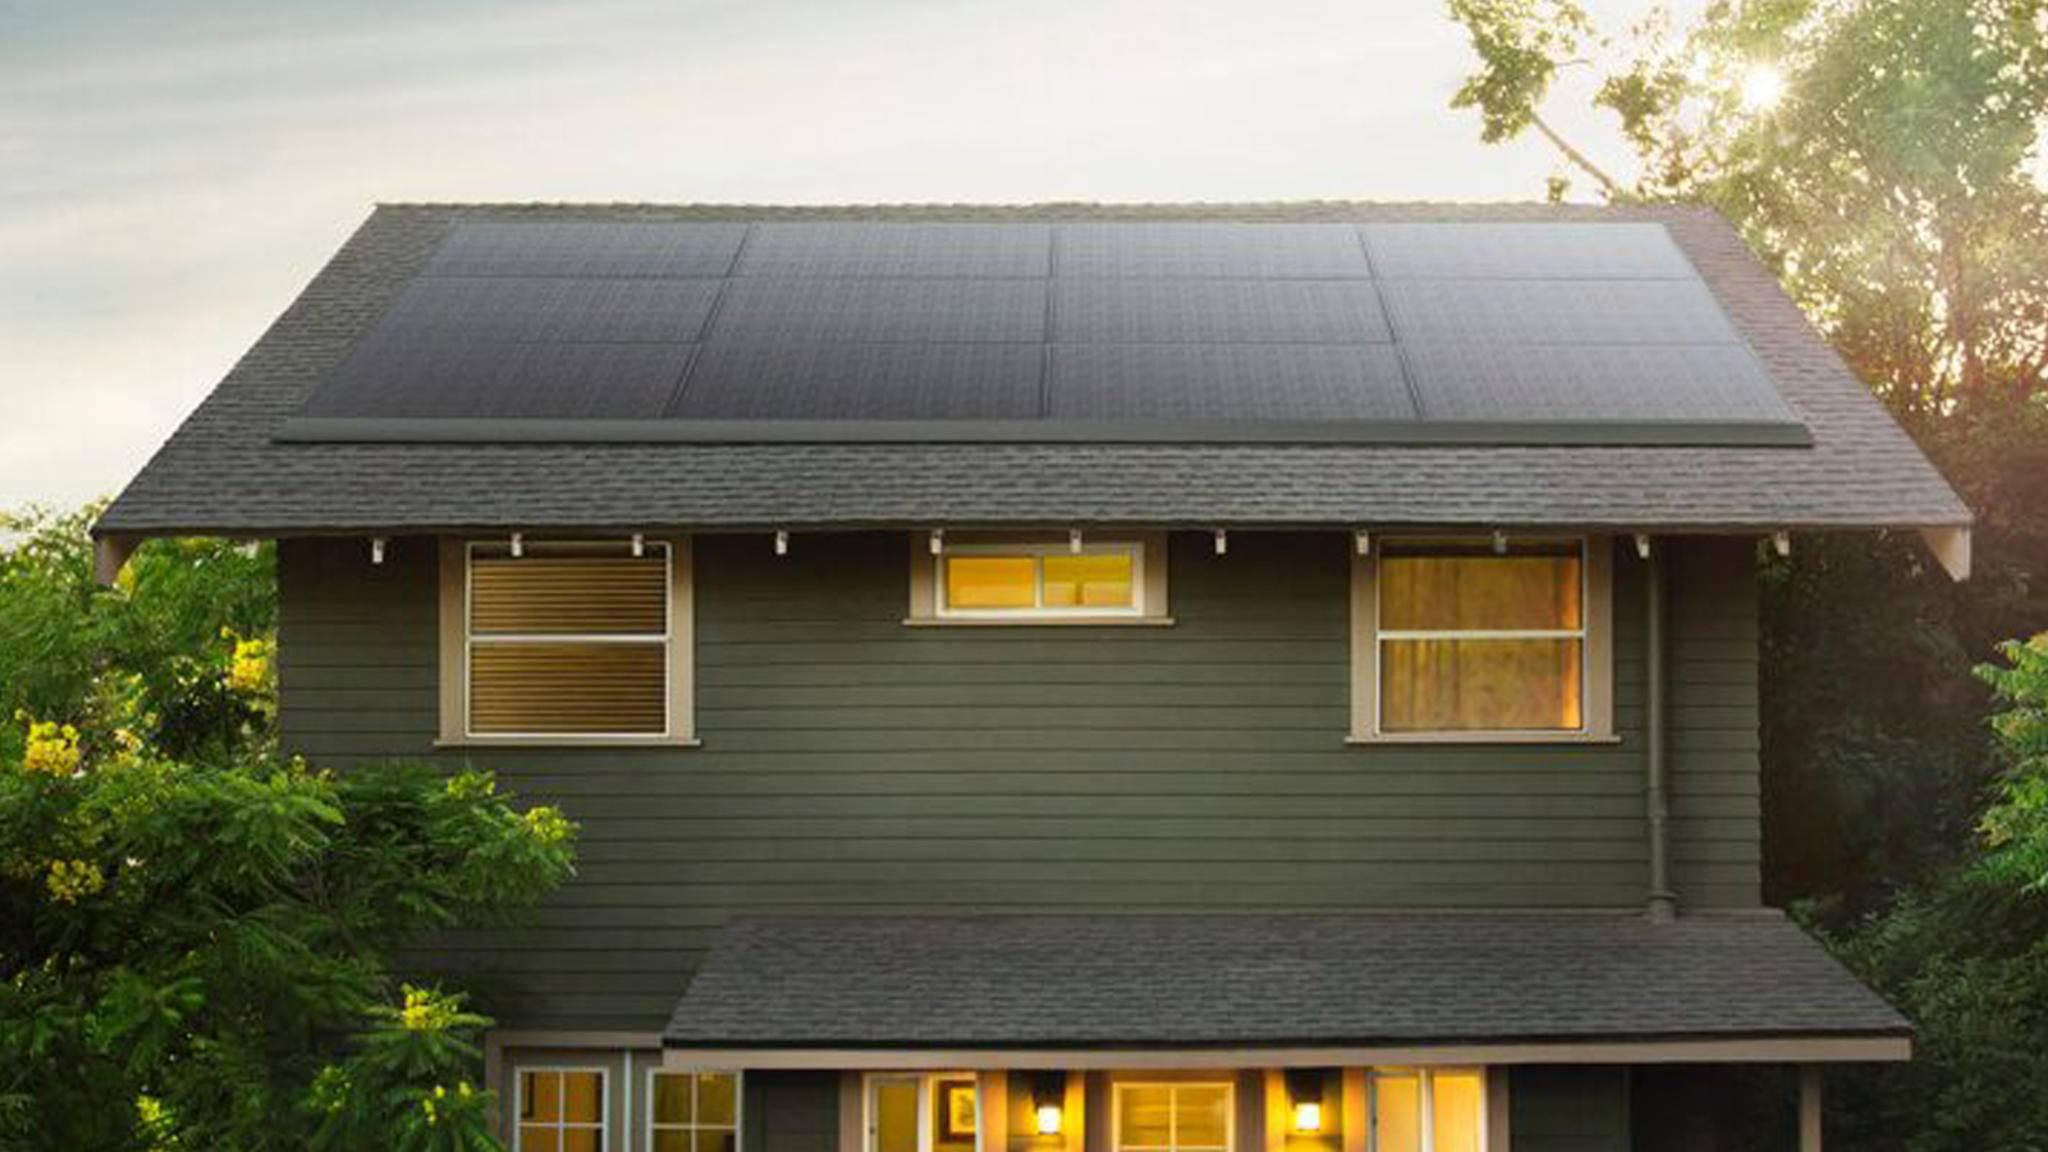 Die neuen Solaranlagen von Tesla sollen sich möglichst unauffällig an jedes Dach anschmiegen.